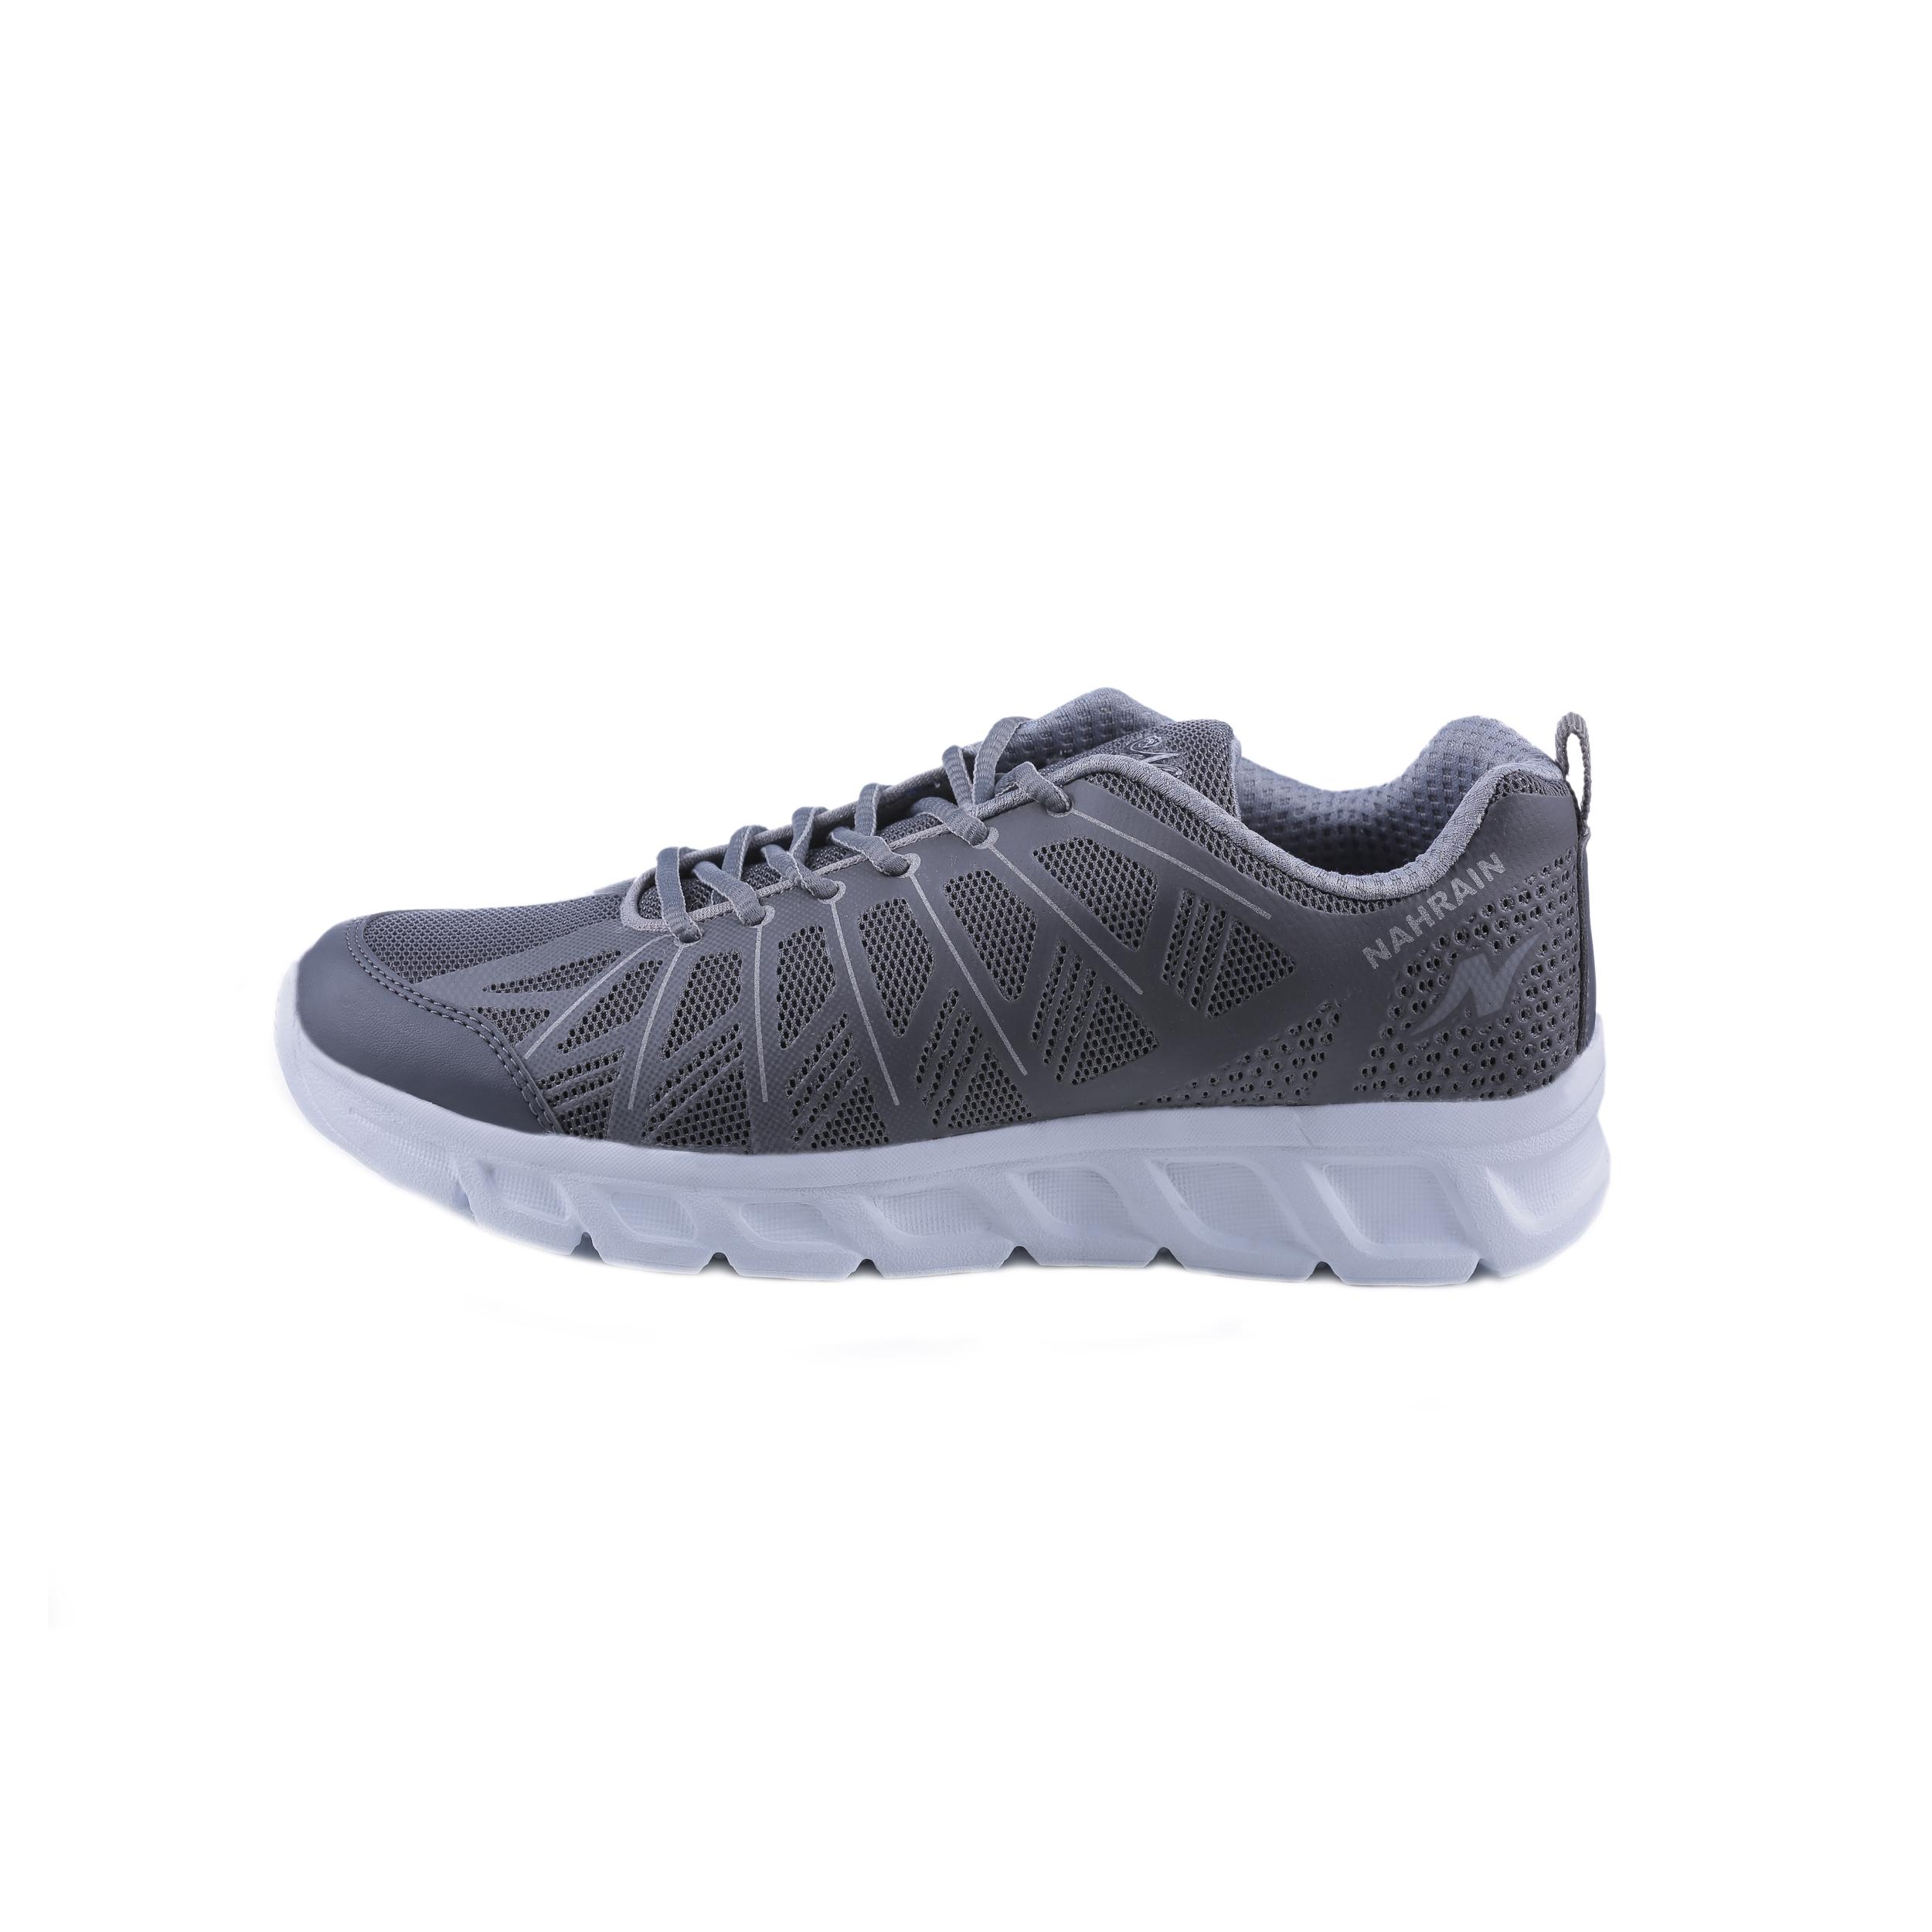 قیمت کفش مخصوص پیاده روی و دویدن مردانه نهرین مدل پاسارگاد کد 1